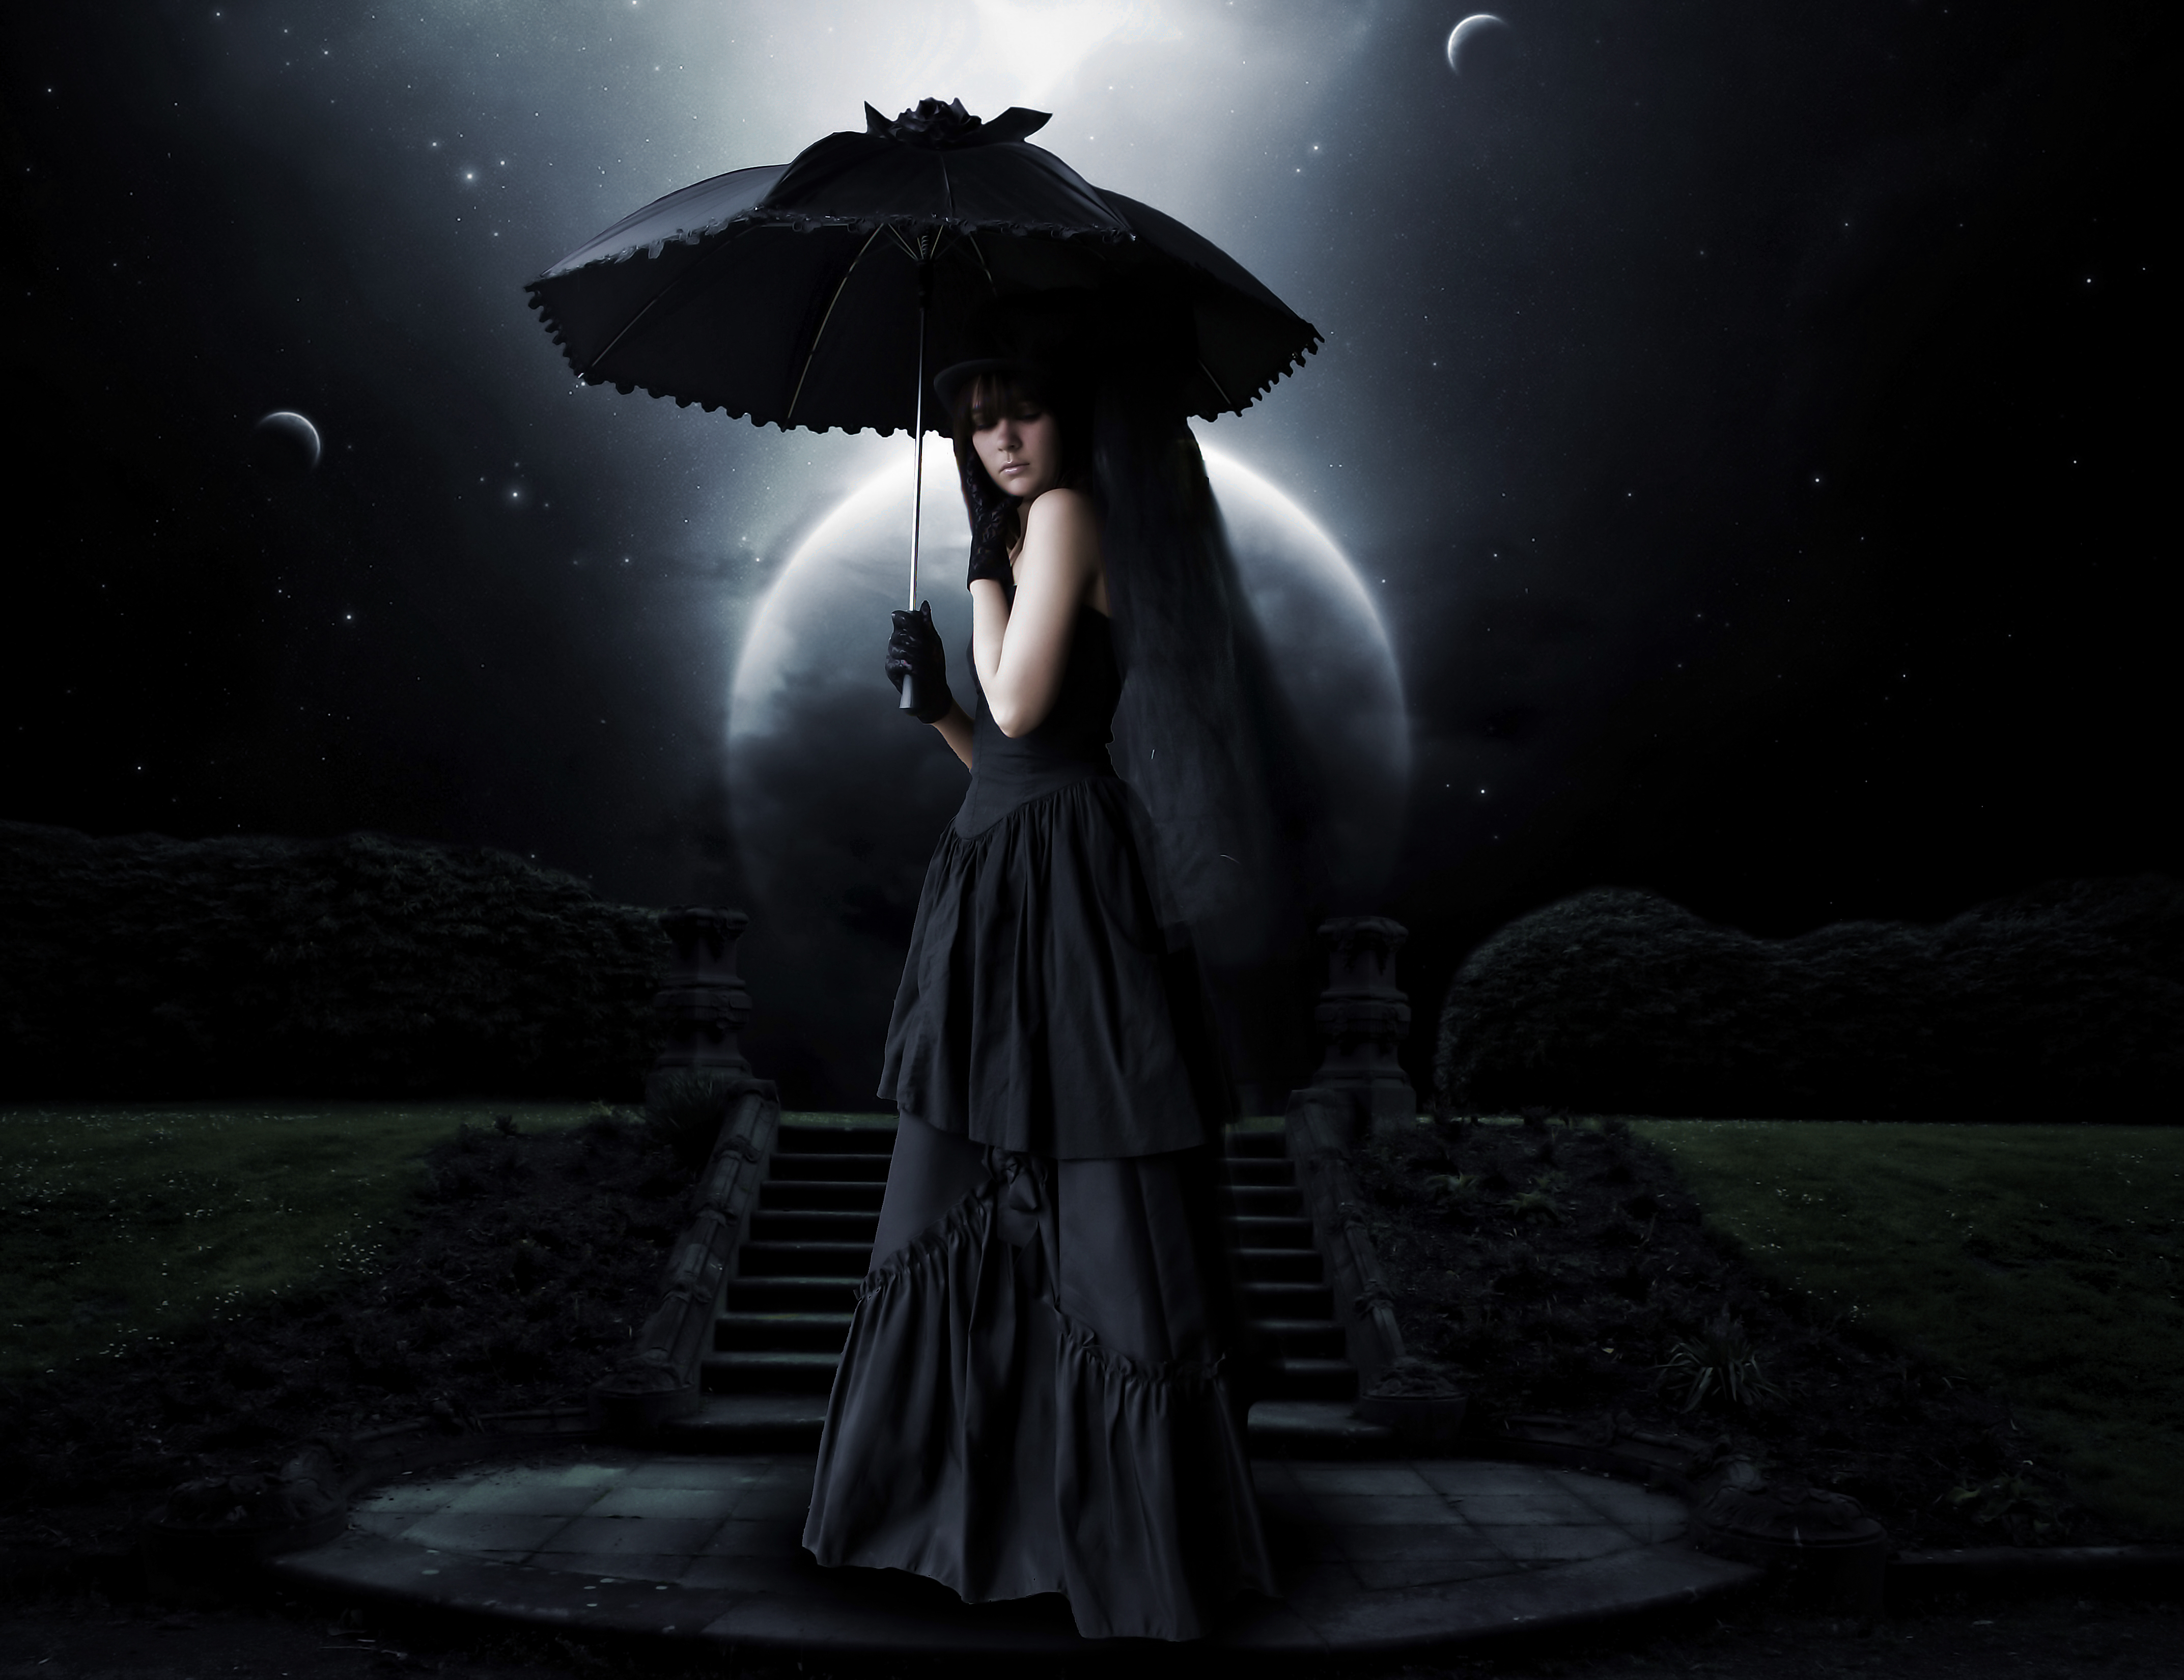 Oscuro - Gótico  - Moonlight - Goth Fondo de Pantalla